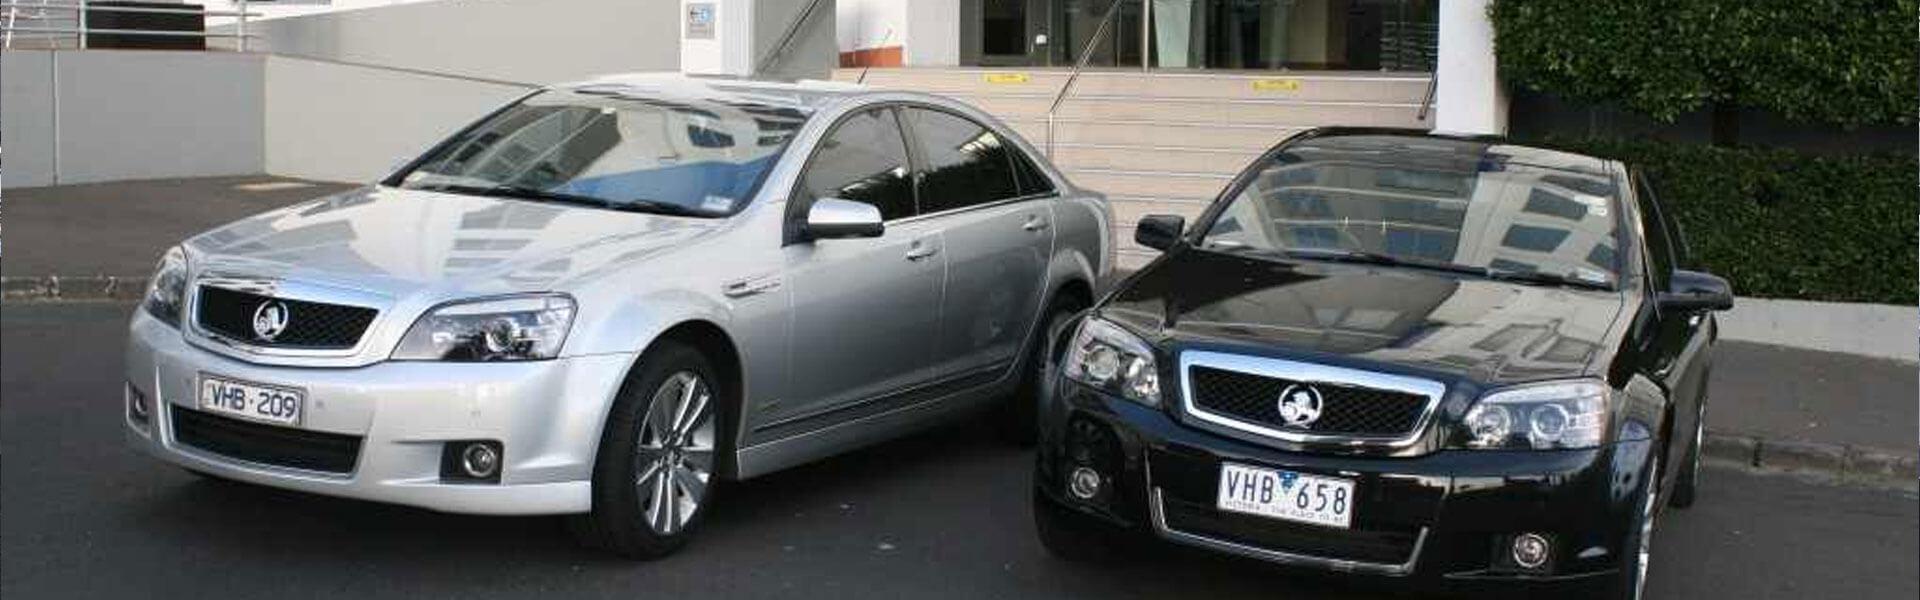 Chauffeur Car Services Melbourne